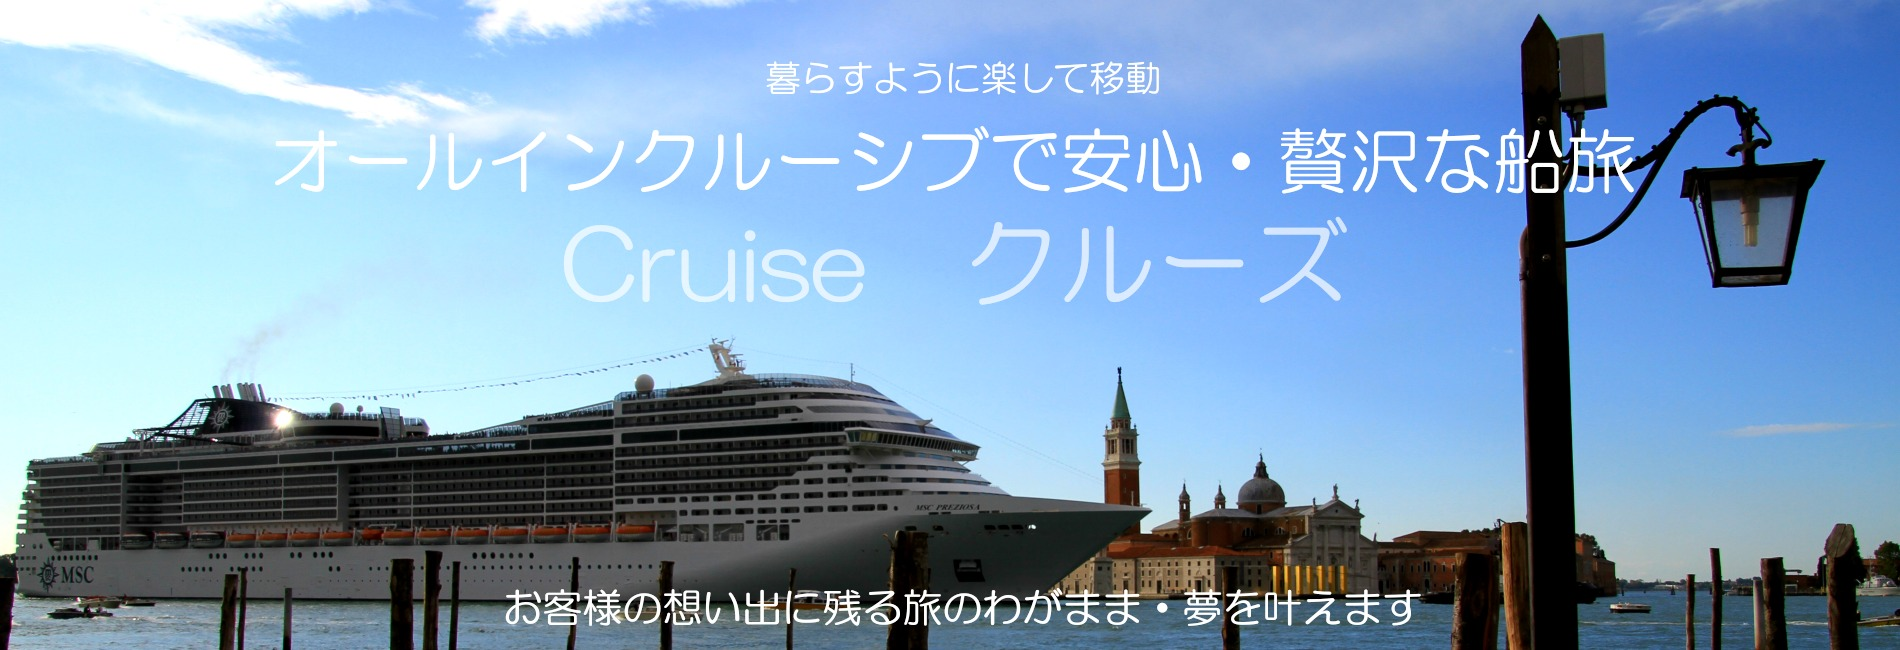 7つの海を大航海する豪華客船クルーズで巡る地中海、エーゲ海、アドリア海、南太平洋、カリブ海、キューバクルーズ、北極クルーズ、南極クルーズ